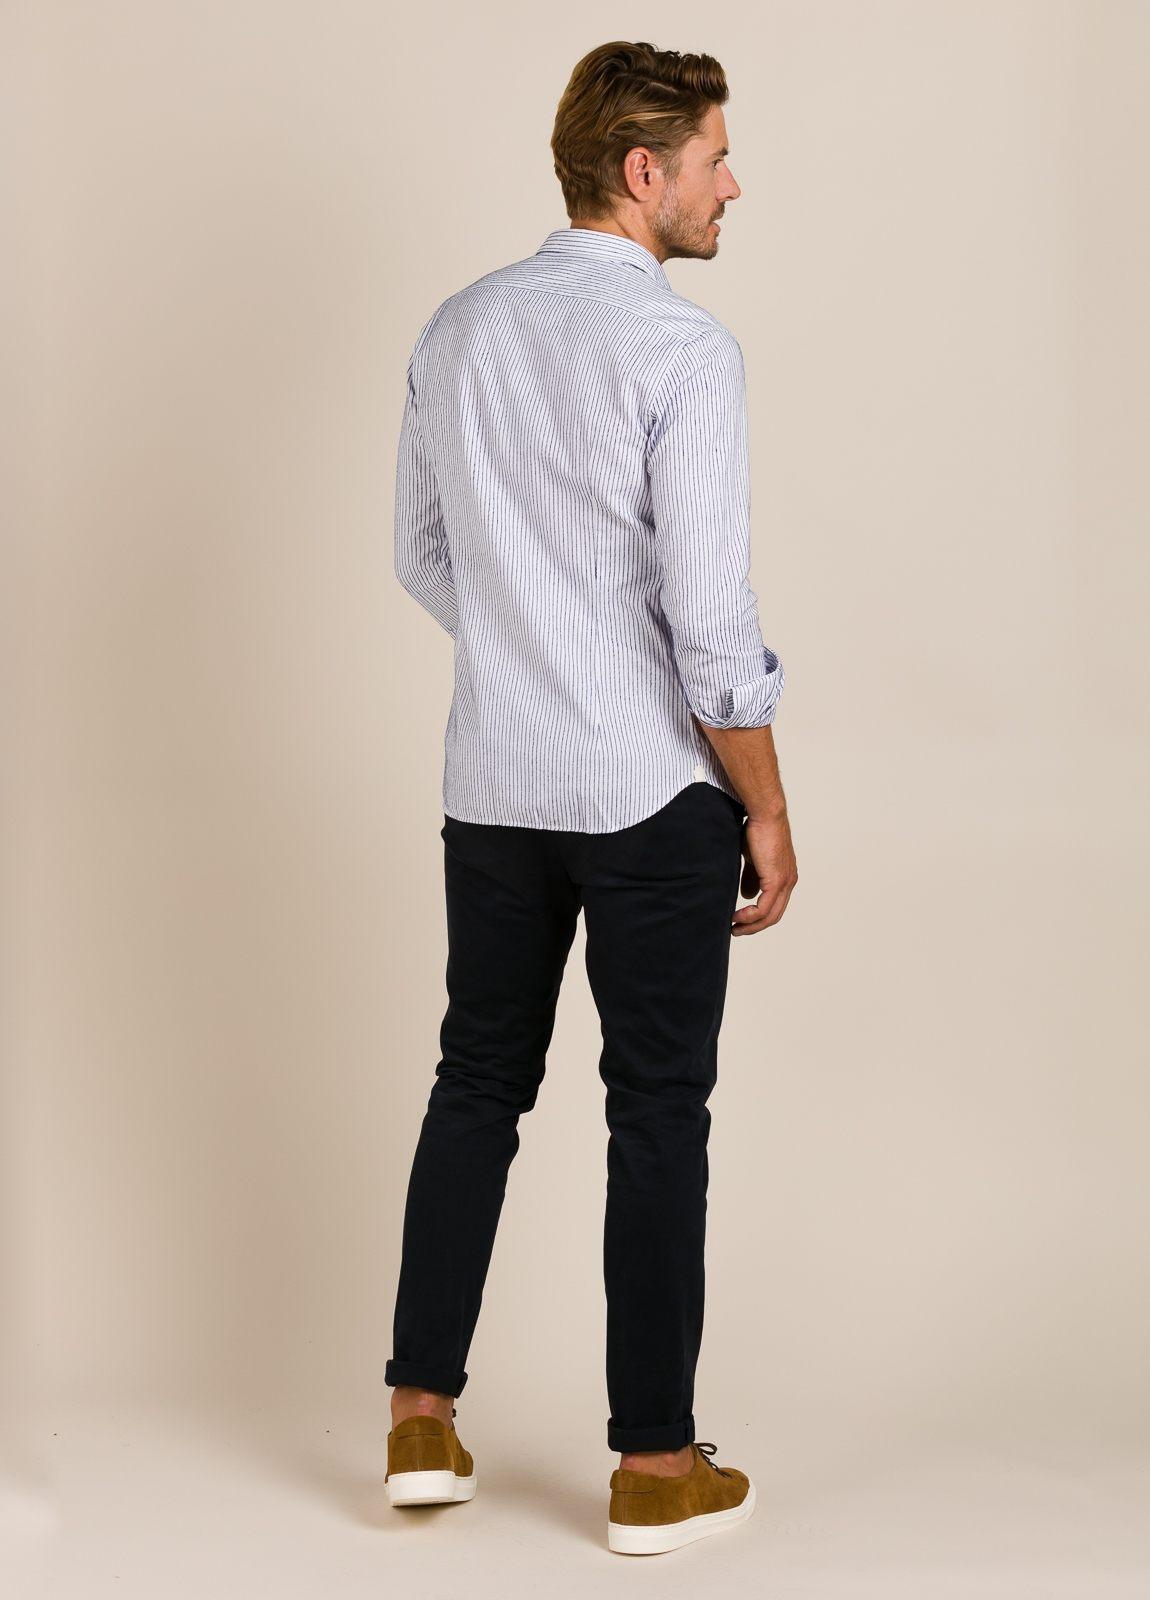 Camisa sport TINTORIA MATEI rayas azules - Ítem1